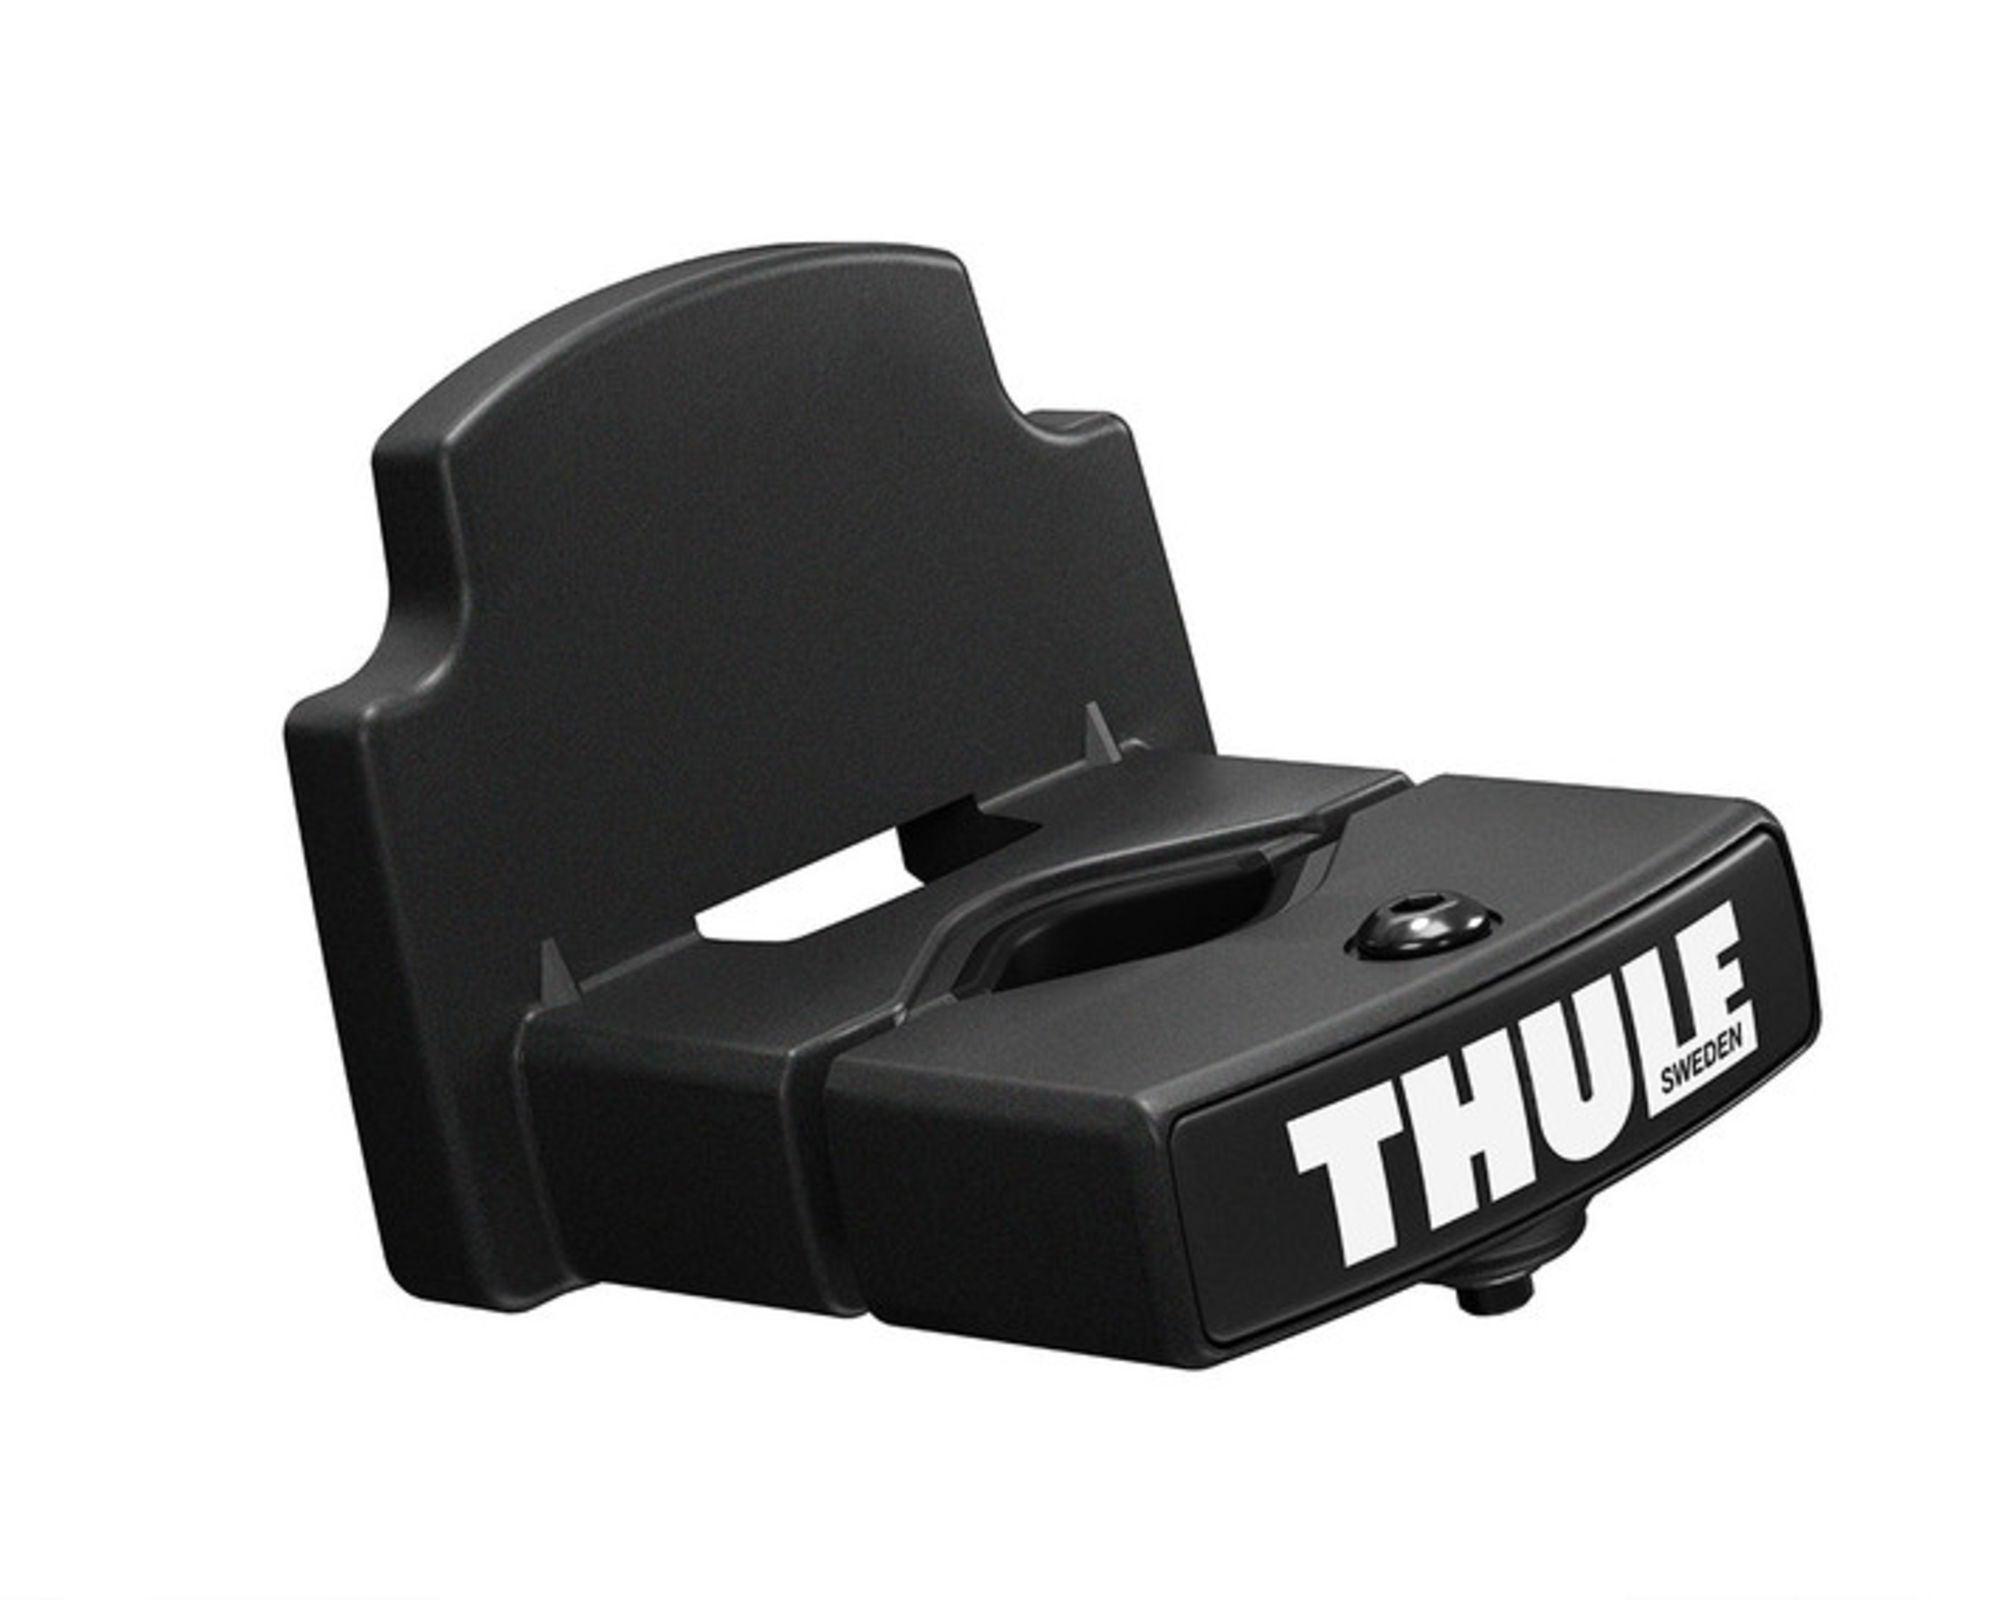 Køb Thule Forankringsbase til Cykelstol RideAlong Mini | Cykelstole